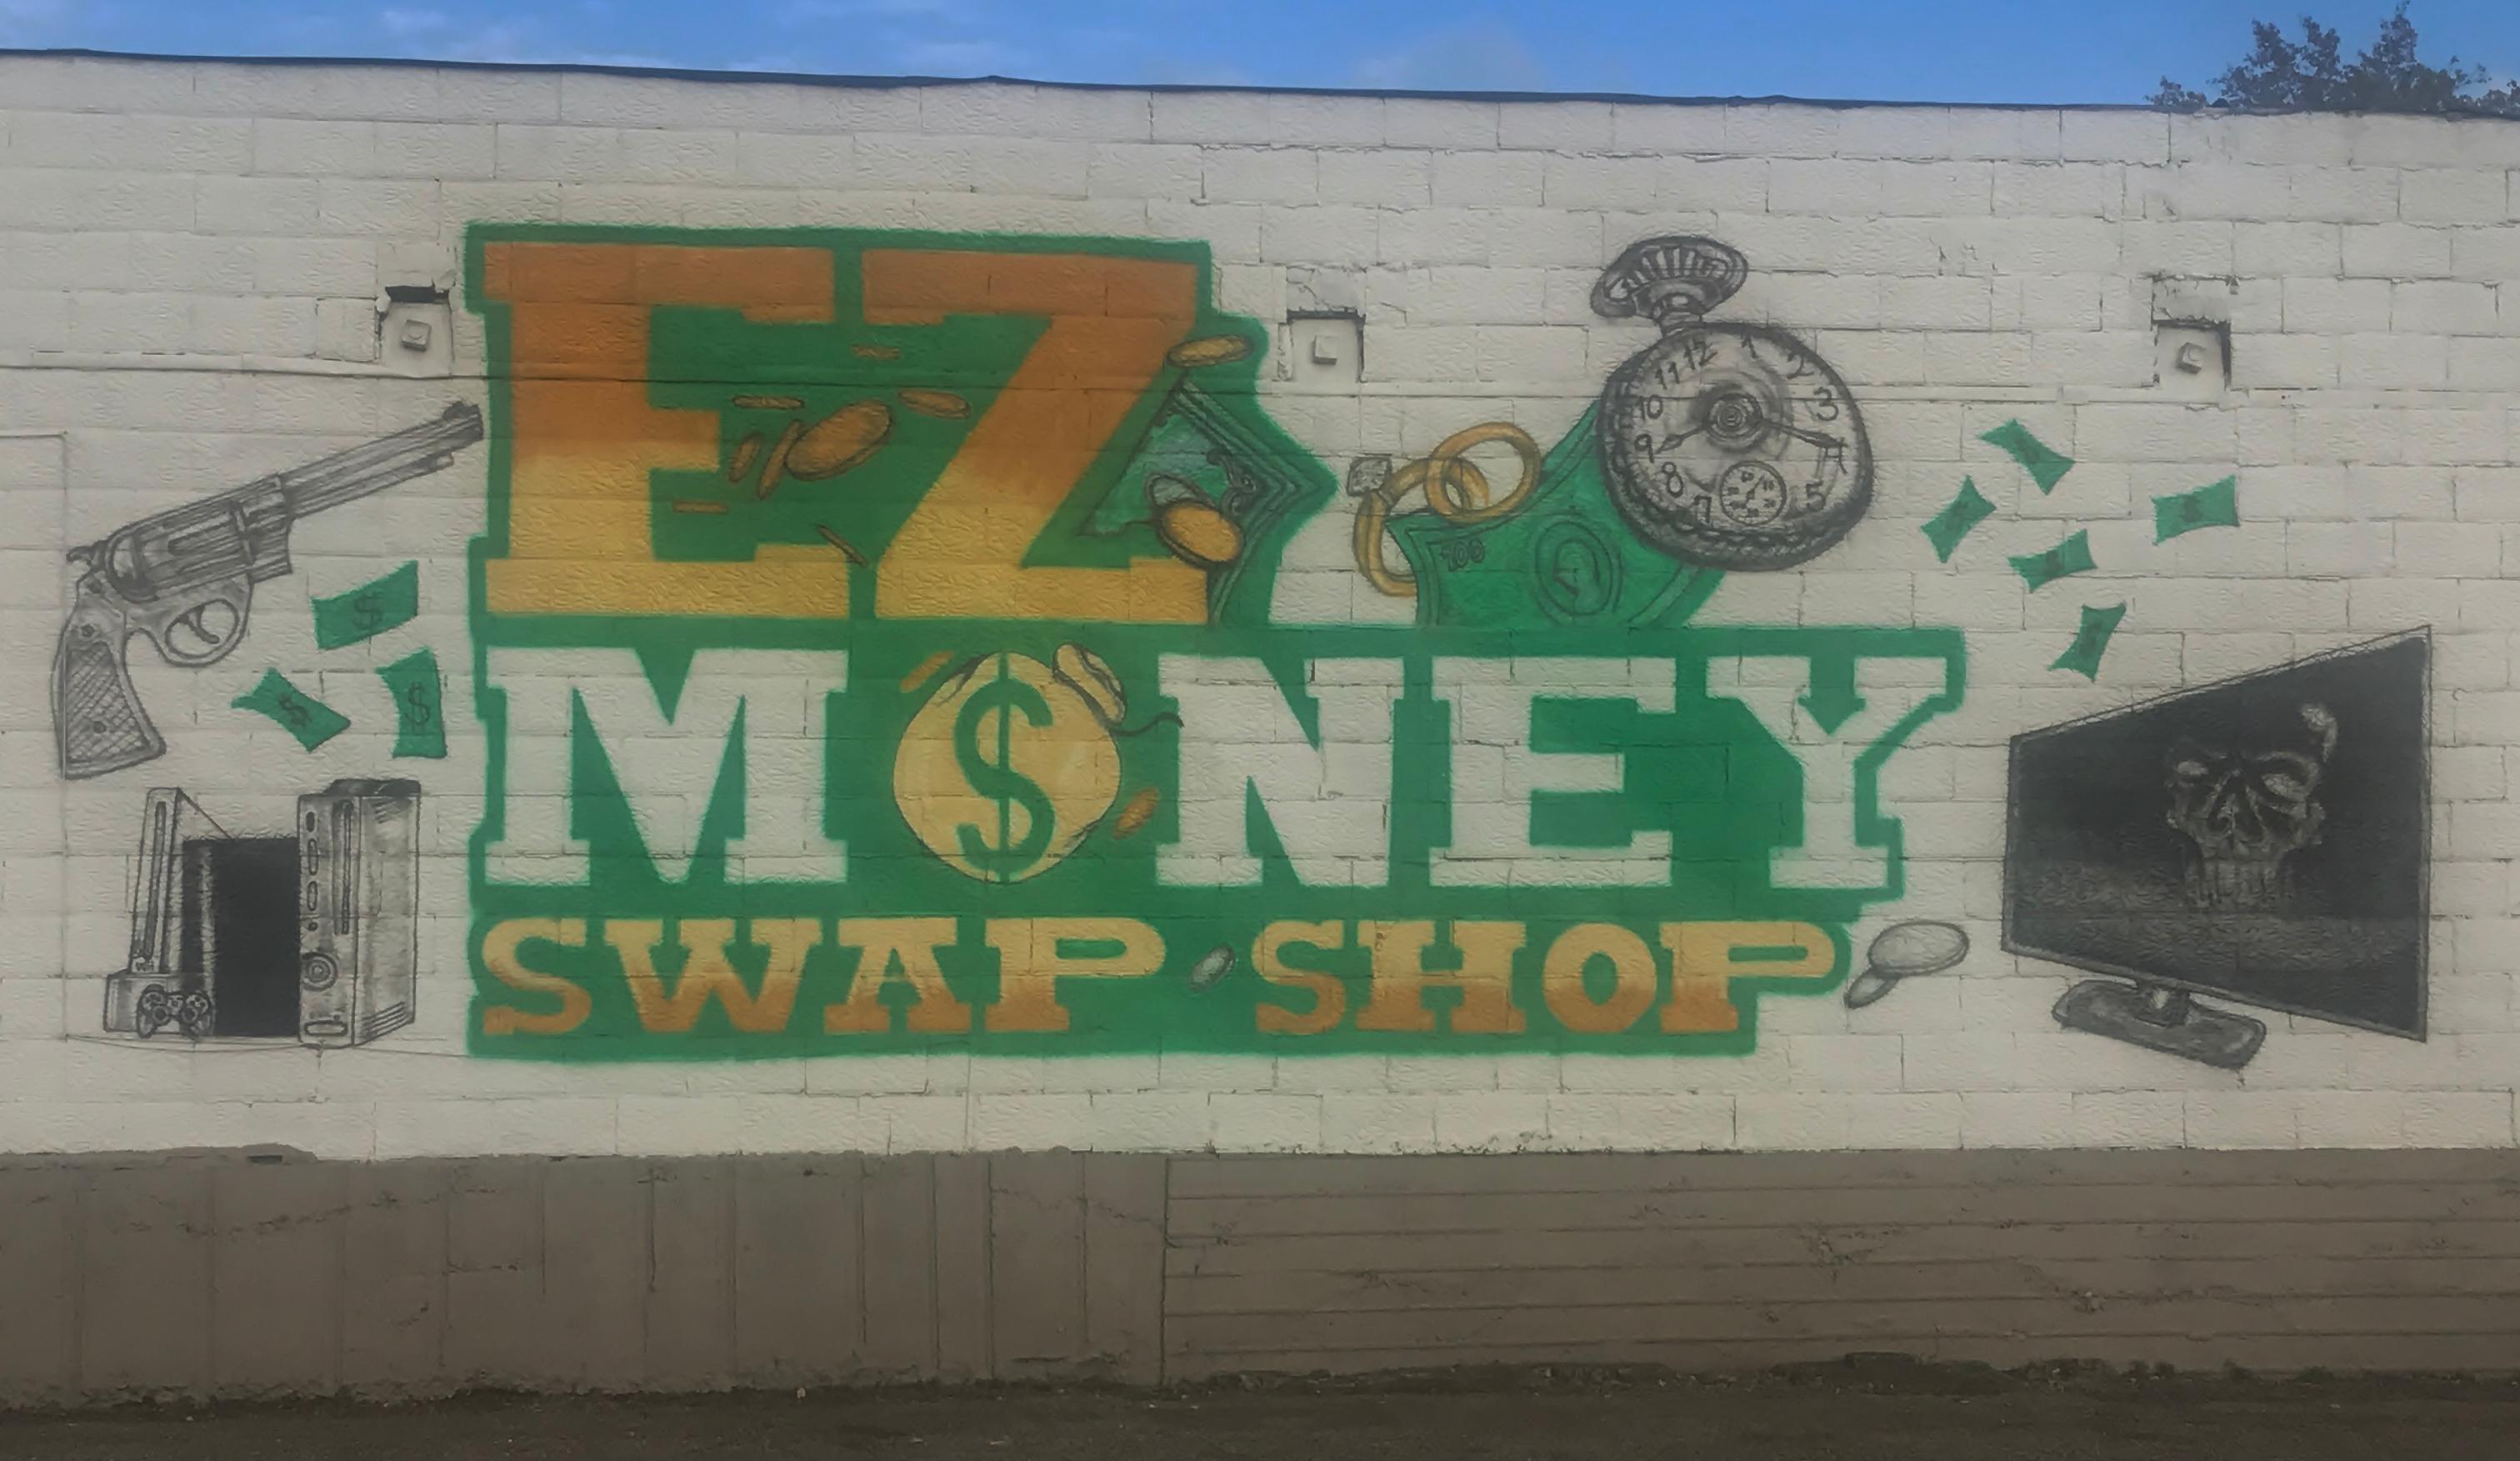 EZ Money Swap Shop image 0